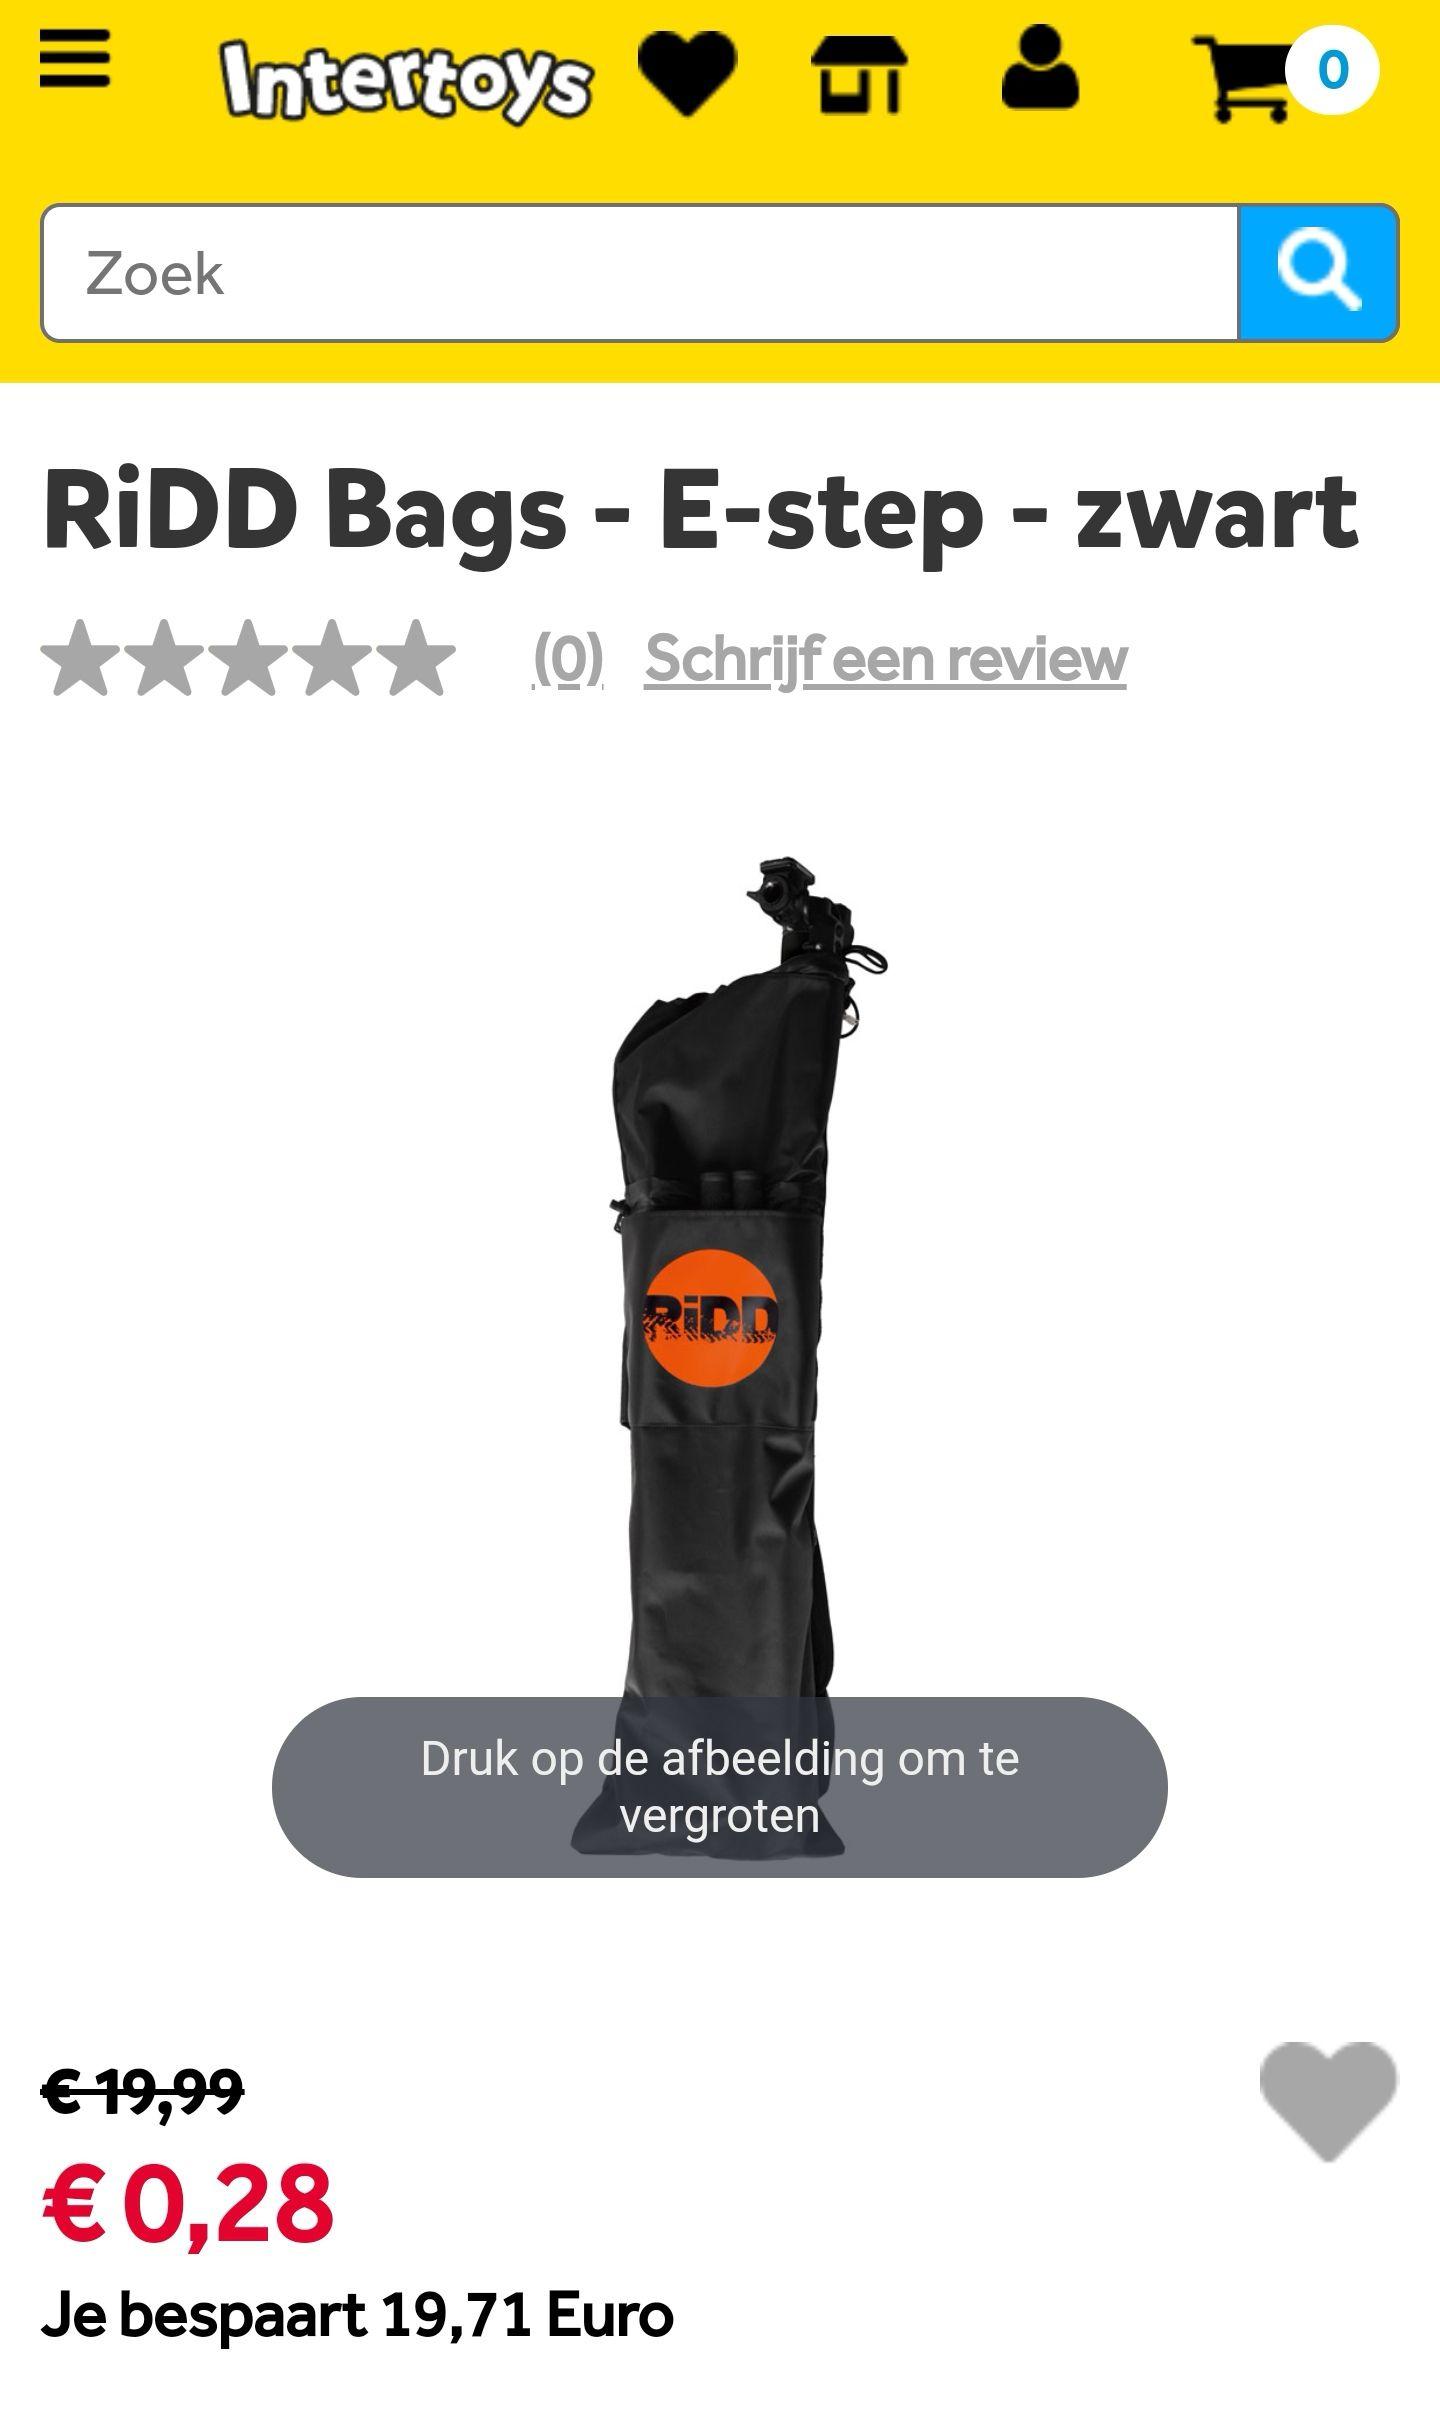 RiDD Bags - E-step - zwart